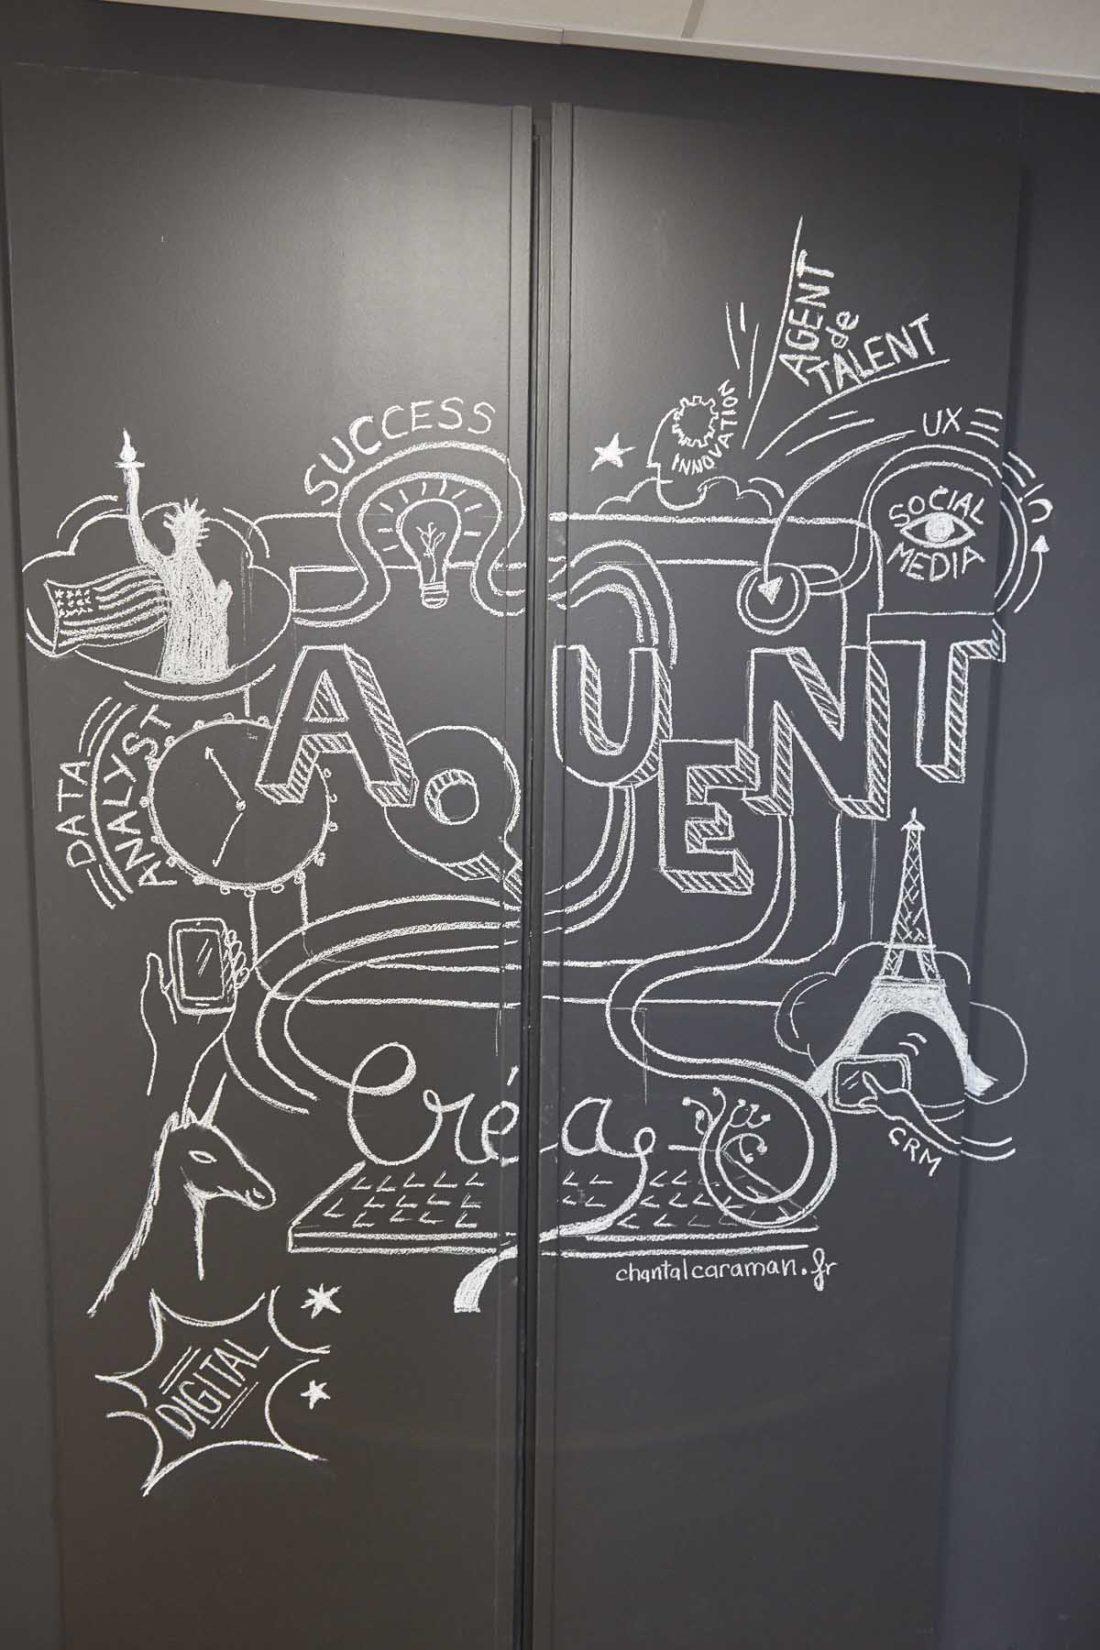 Dessin-a-la-craie-sur-peinture-tableau-noir-au-siege-Aquent-France